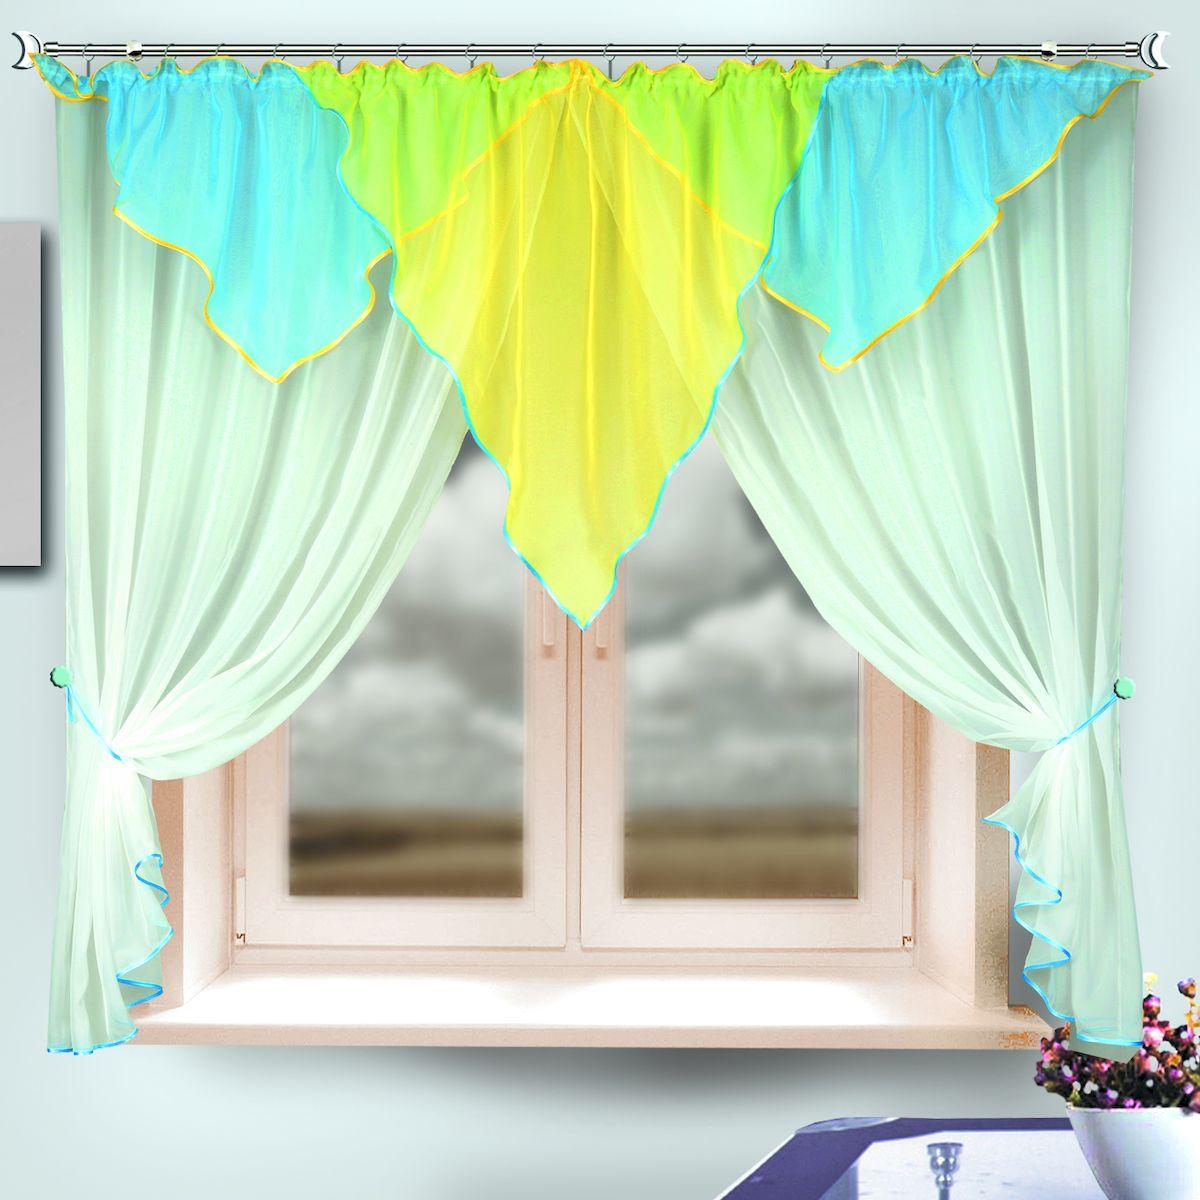 Комплект штор для кухни Zlata Korunka, на ленте, цвет: белый, голубой, желтый, высота 170 см. 333315333315Комплект штор для кухни Zlata Korunka, выполненный из полиэстера, великолепно украсит любое окно. Комплект состоит из ламбрекена, двух штор и двух подхватов. Оригинальный крой и яркая цветовая гамма привлекут к себе внимание и органично впишутся в интерьер помещения. Этот комплект будет долгое время радовать вас и вашу семью!Комплект крепится на карниз при помощи ленты, которая поможет красиво и равномерно задрапировать верх. В комплект входит: Ламбрекен: 1 шт. Размер (Ш х В): 290 х 100 см. Штора: 2 шт. Размер (Ш х В): 140 х 170 см.Подхват: 2 шт.